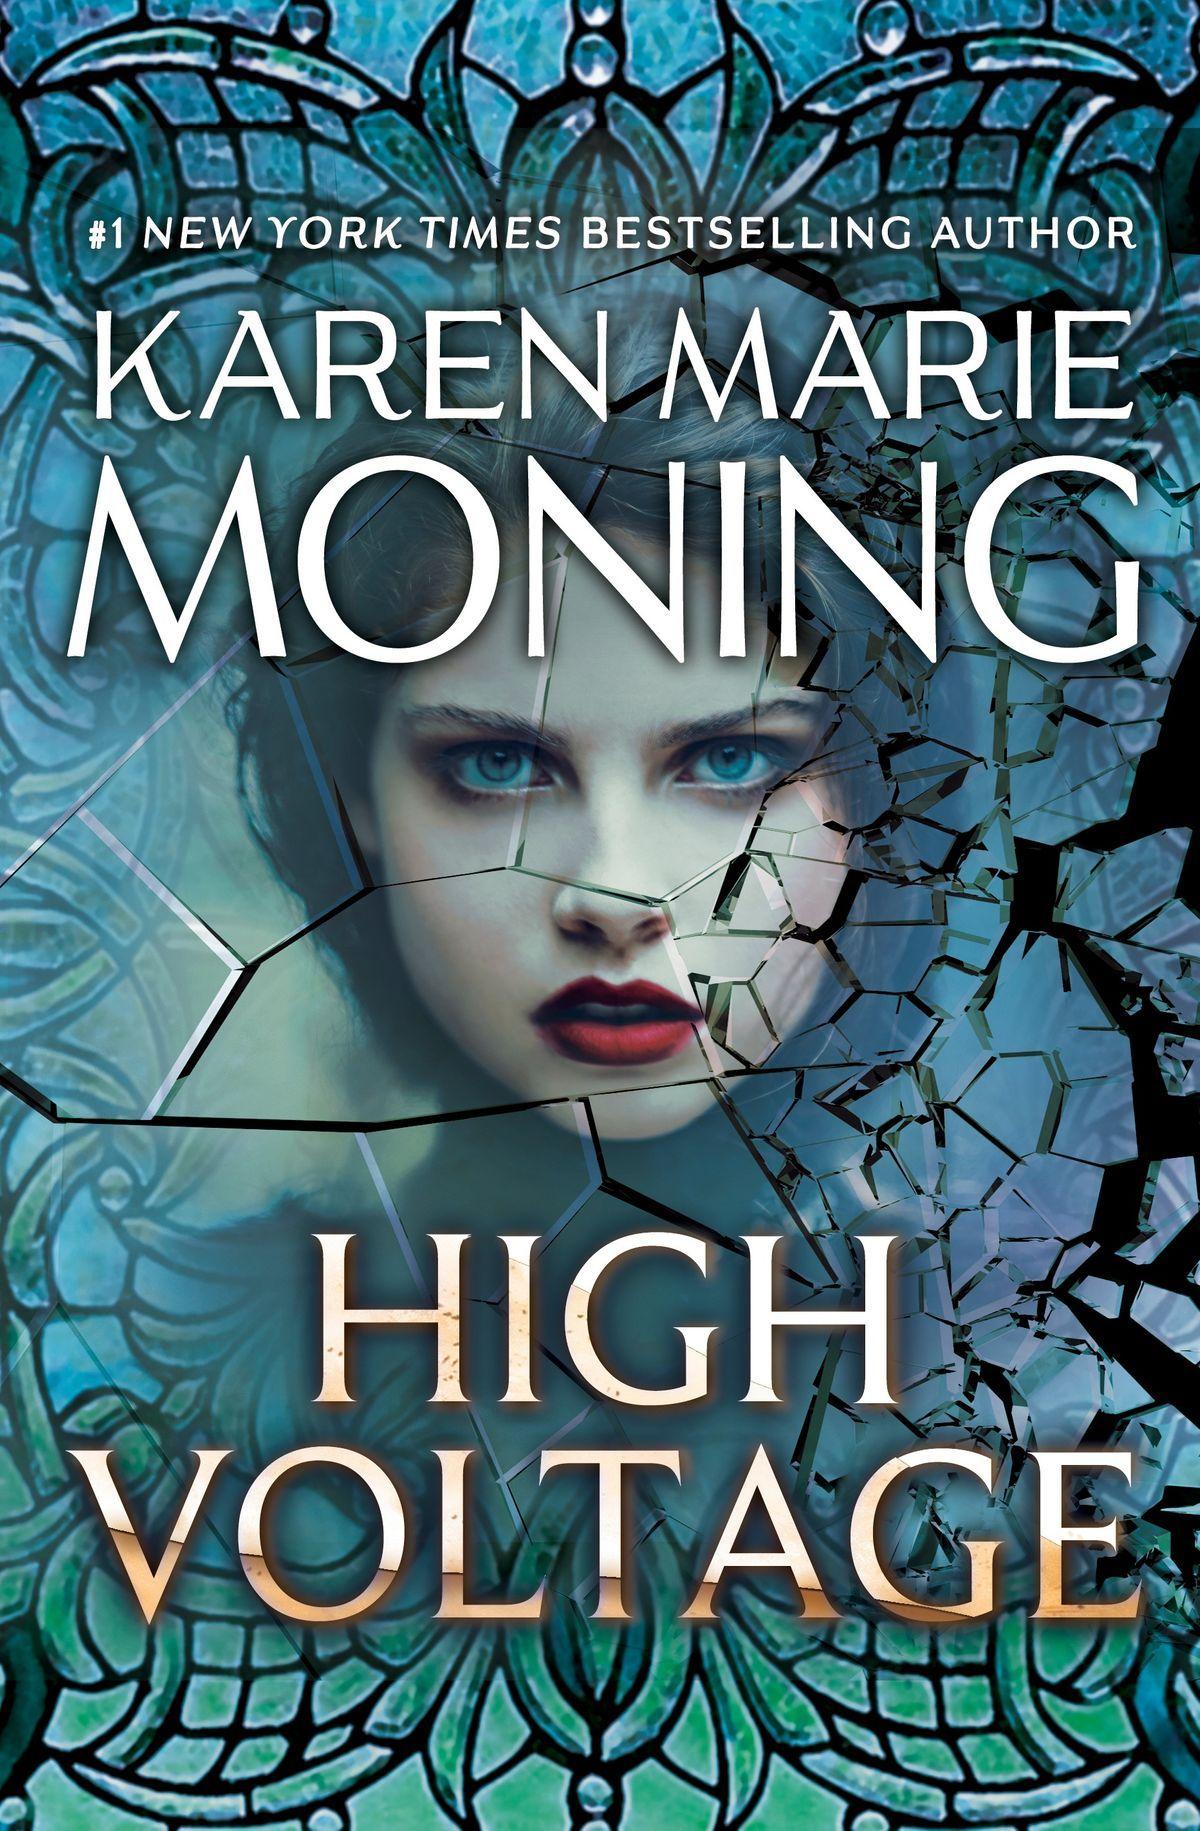 High Voltage Karen Marie Moning pdf, High Voltage Karen